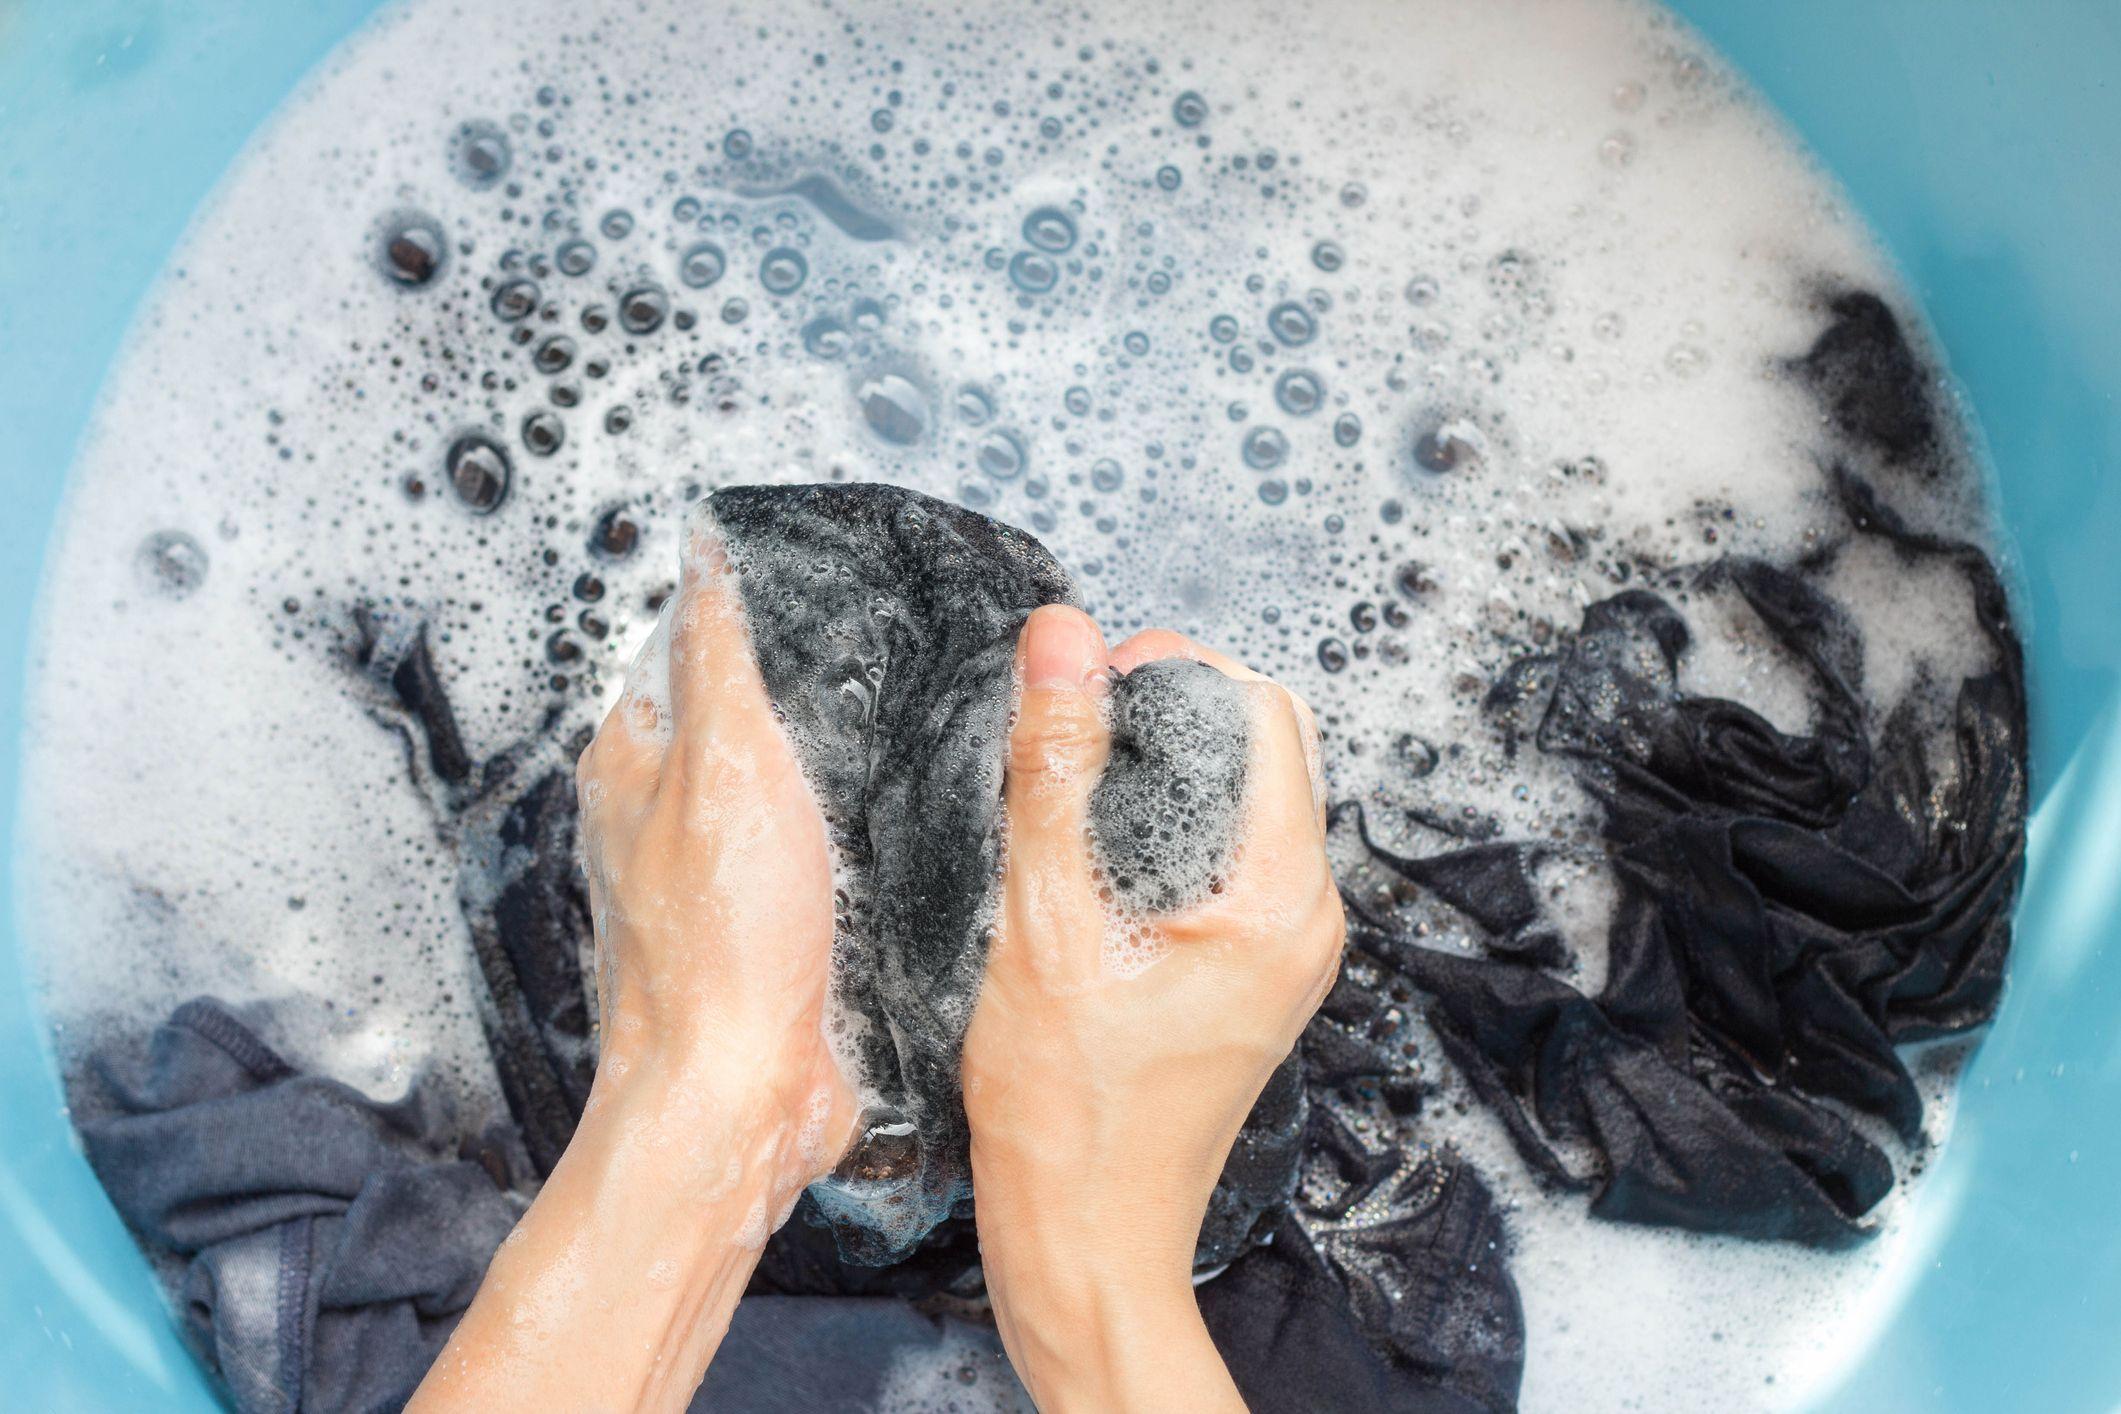 Silk Panties Hand Wash Photos